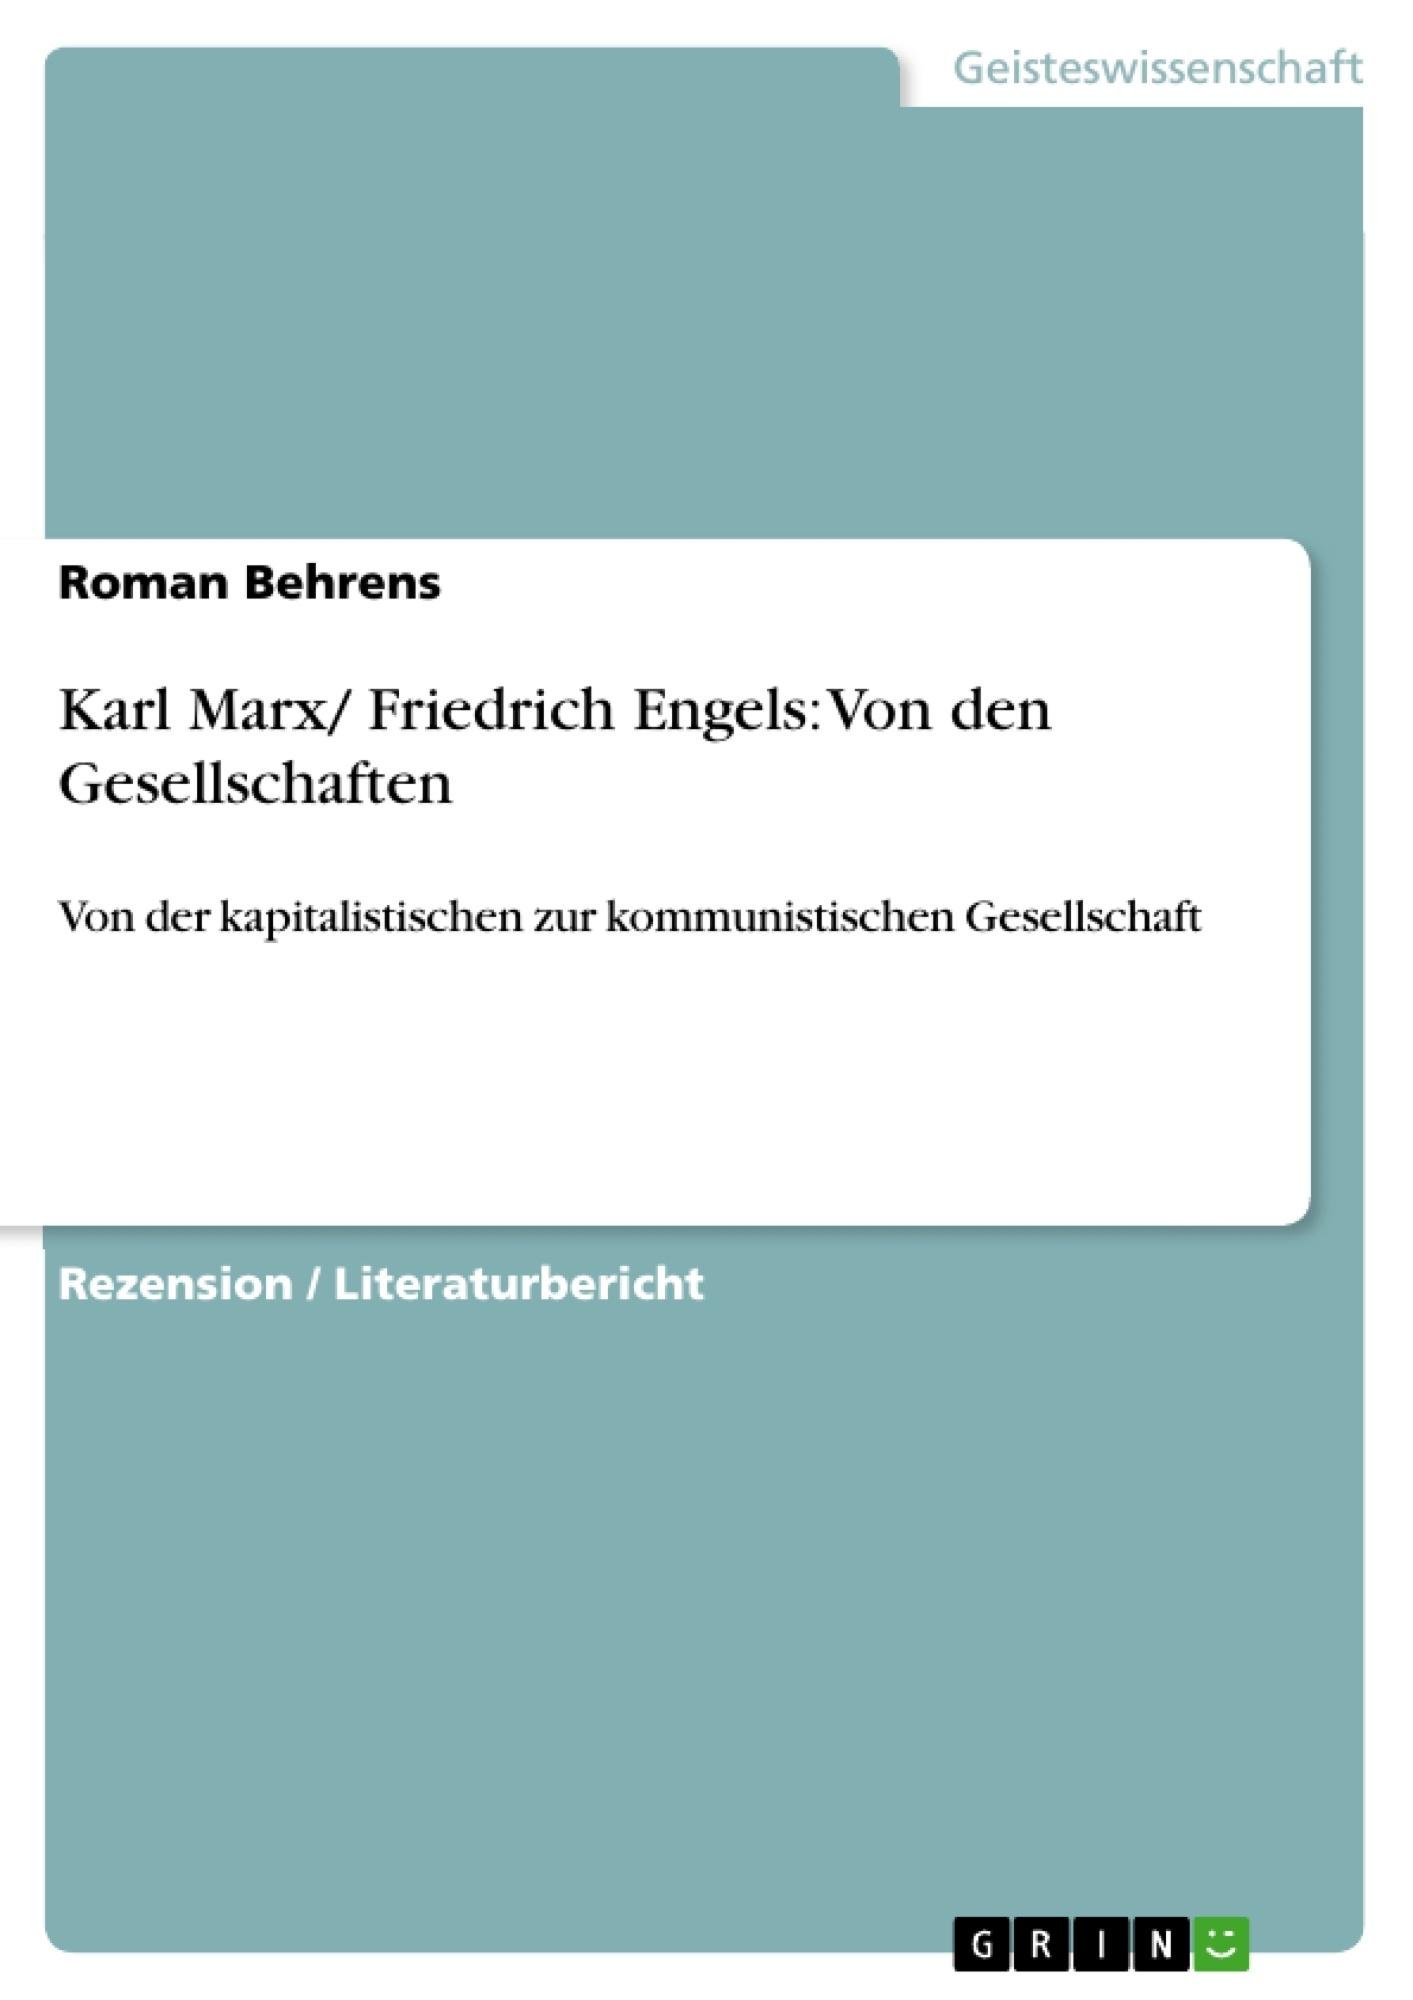 Titel: Karl Marx/ Friedrich Engels: Von den Gesellschaften